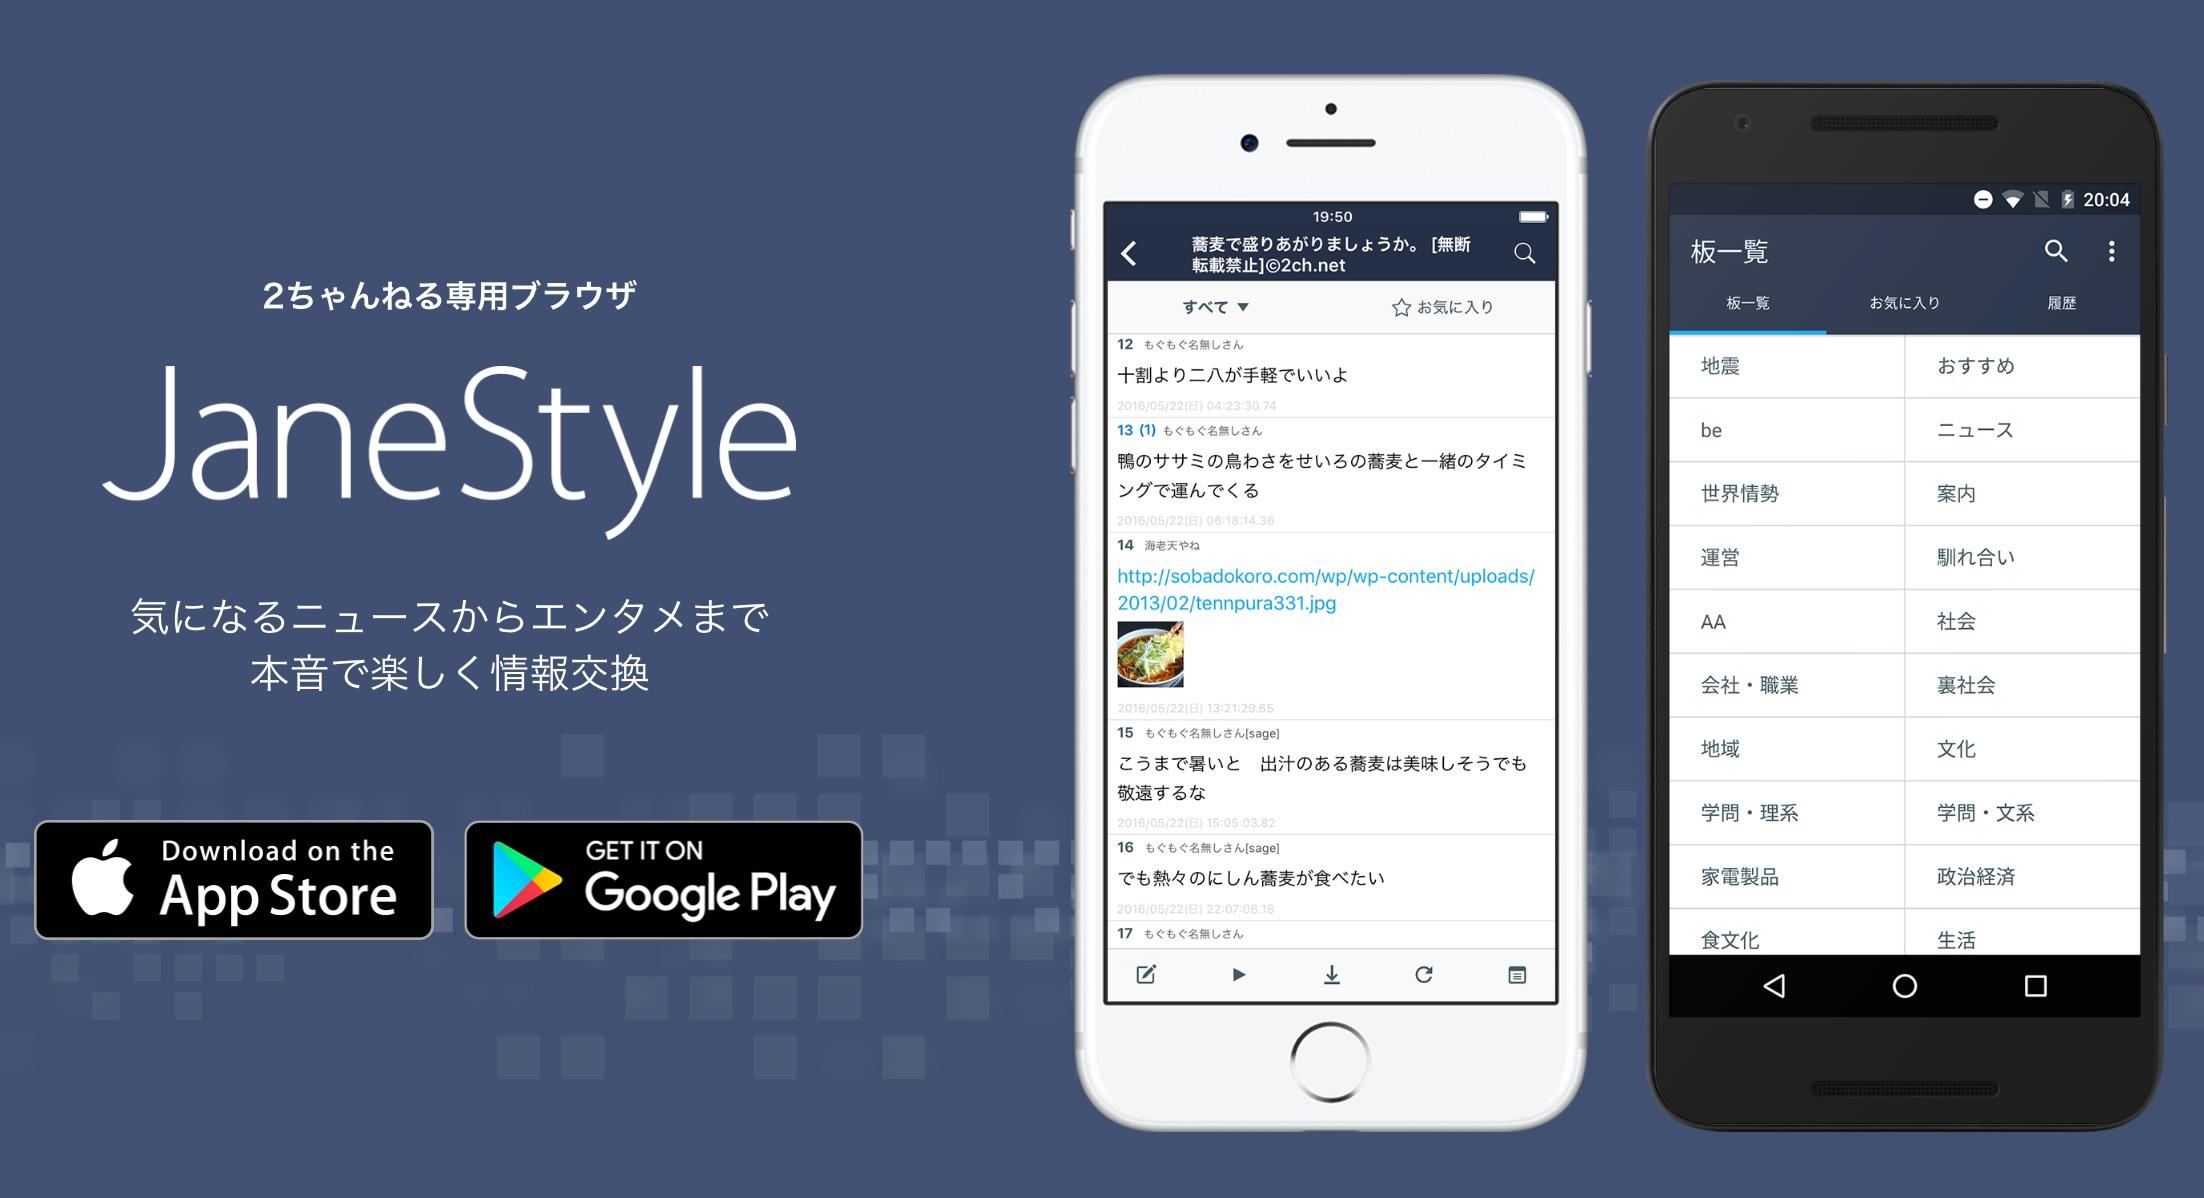 2ちゃんねる専用ブラウザ「Jane Style」のスマホアプリが登場